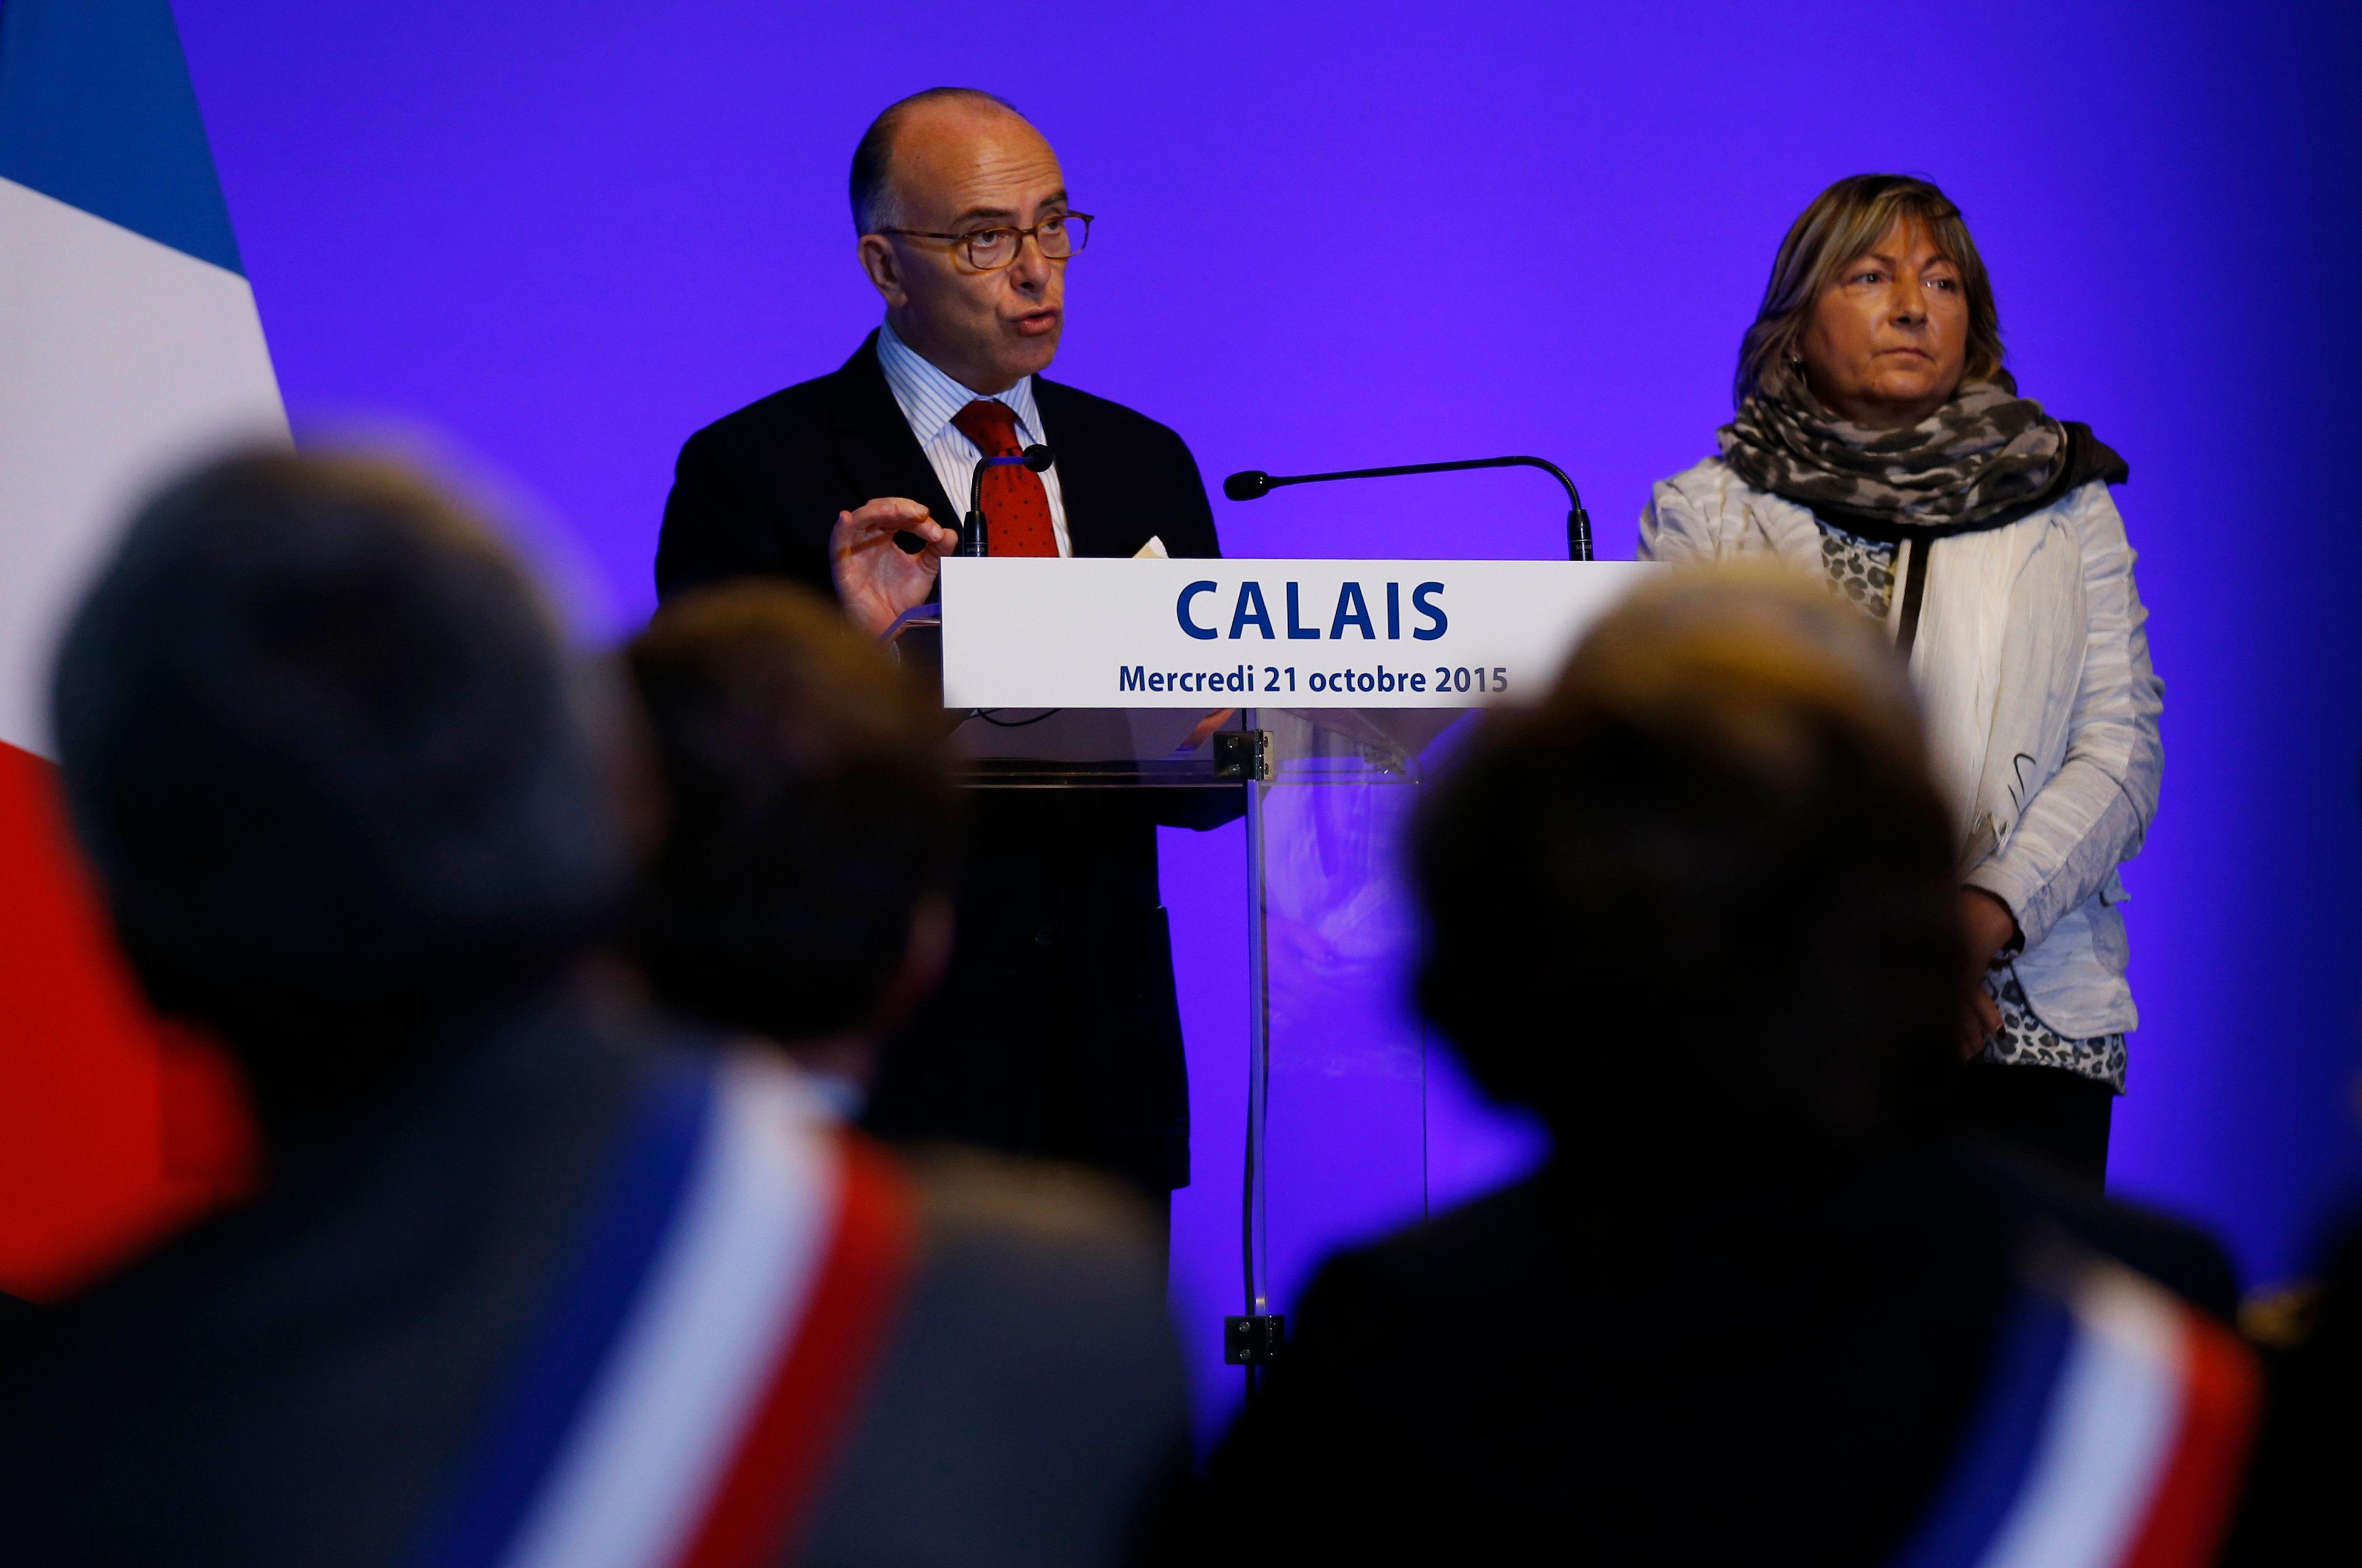 Calais : Bernard Cazeneuve promet des places d'hébergements et des policiers pour les migrants